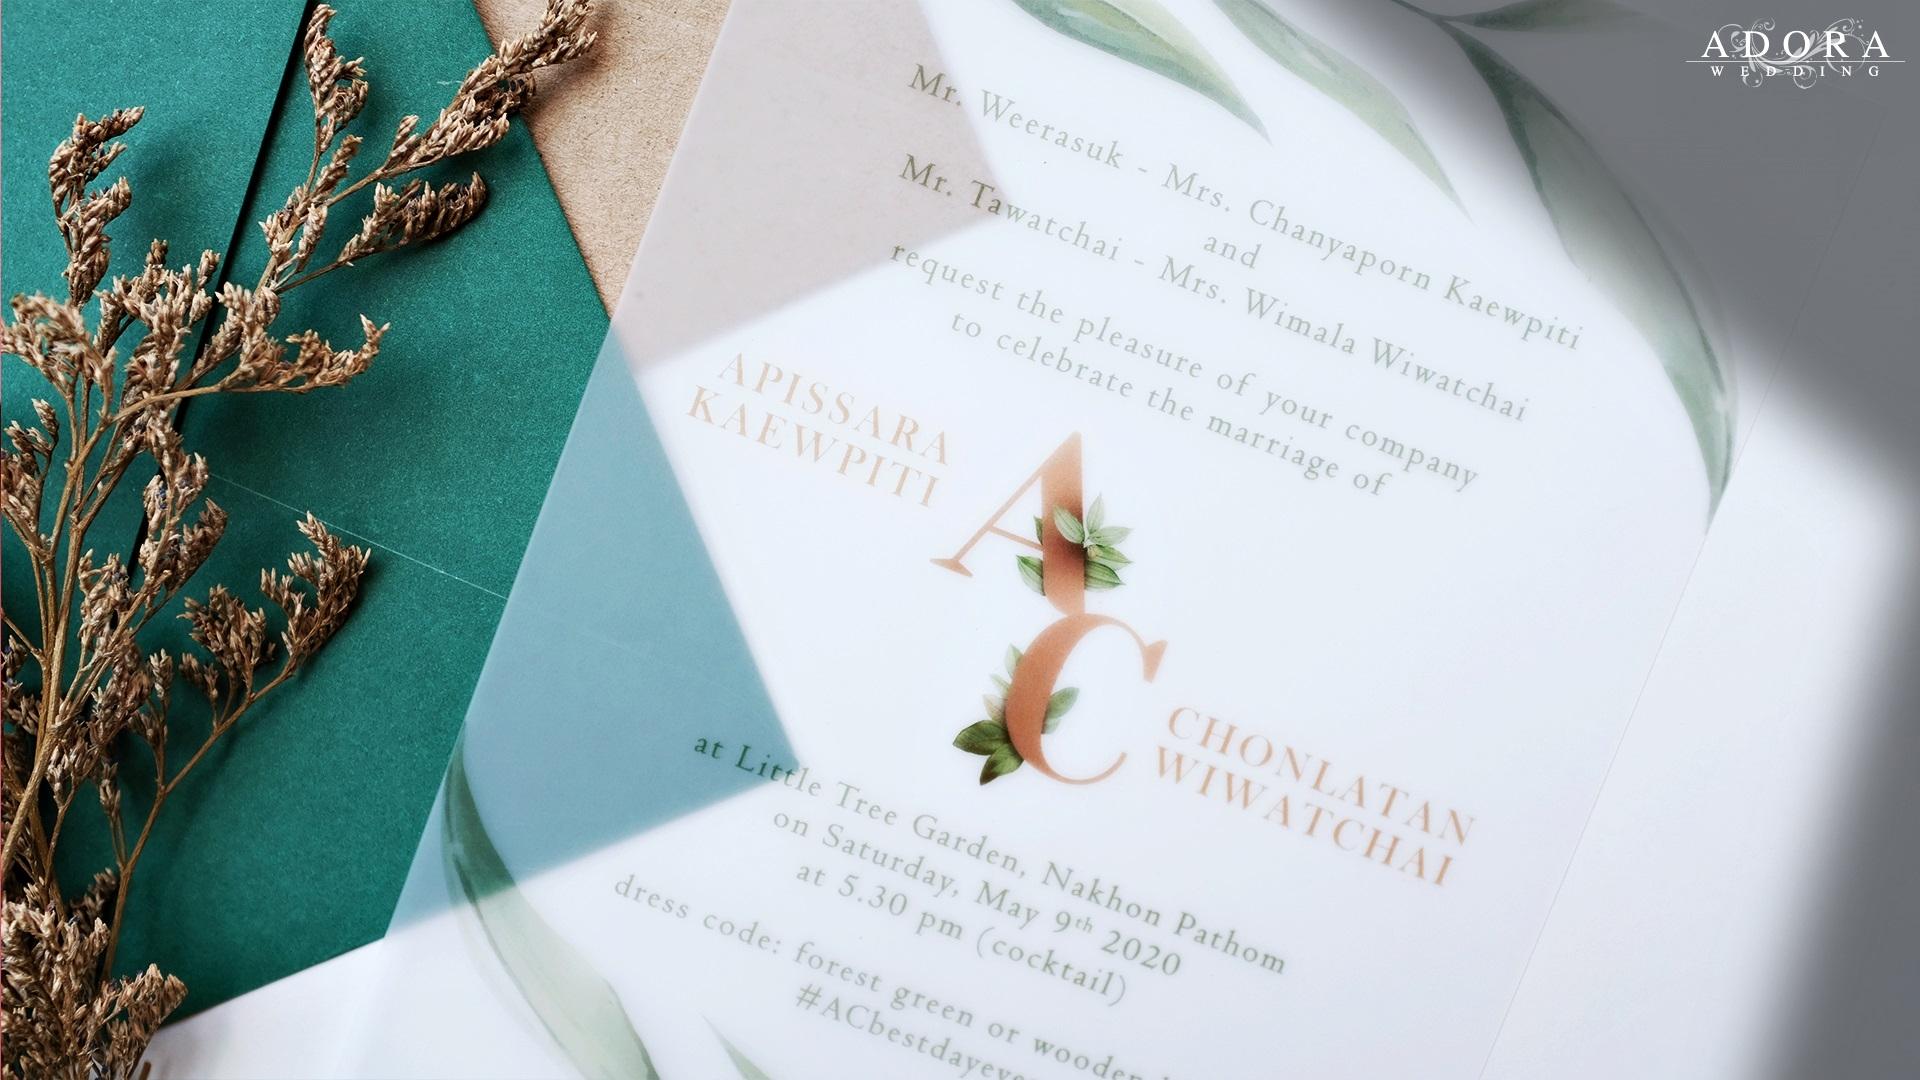 B095LM-wedding-card-6